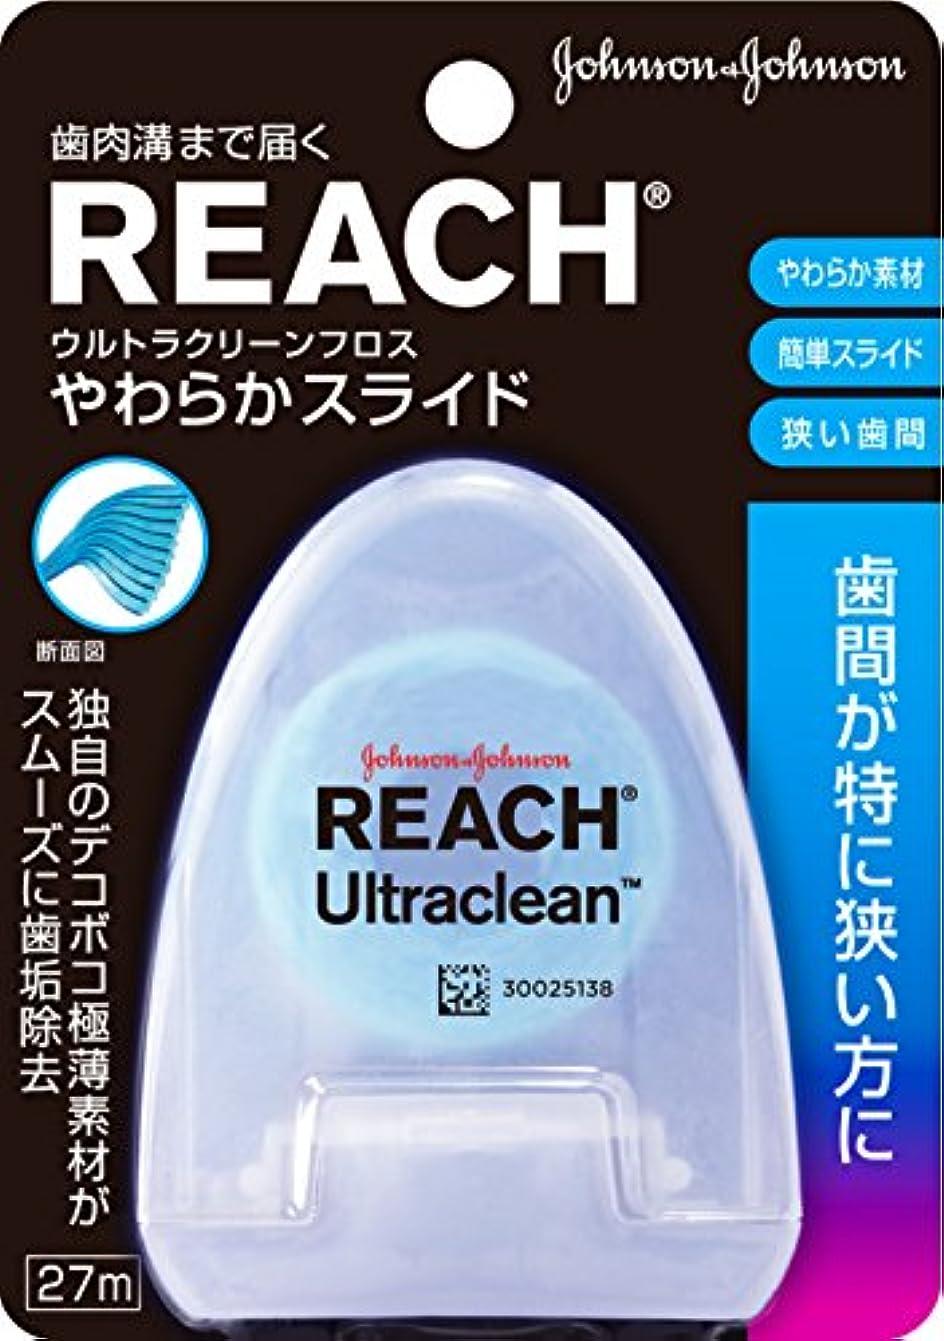 巻き戻す克服する経由でREACH(リーチ) ウルトラクリーンフロス やわらかスライド 27m